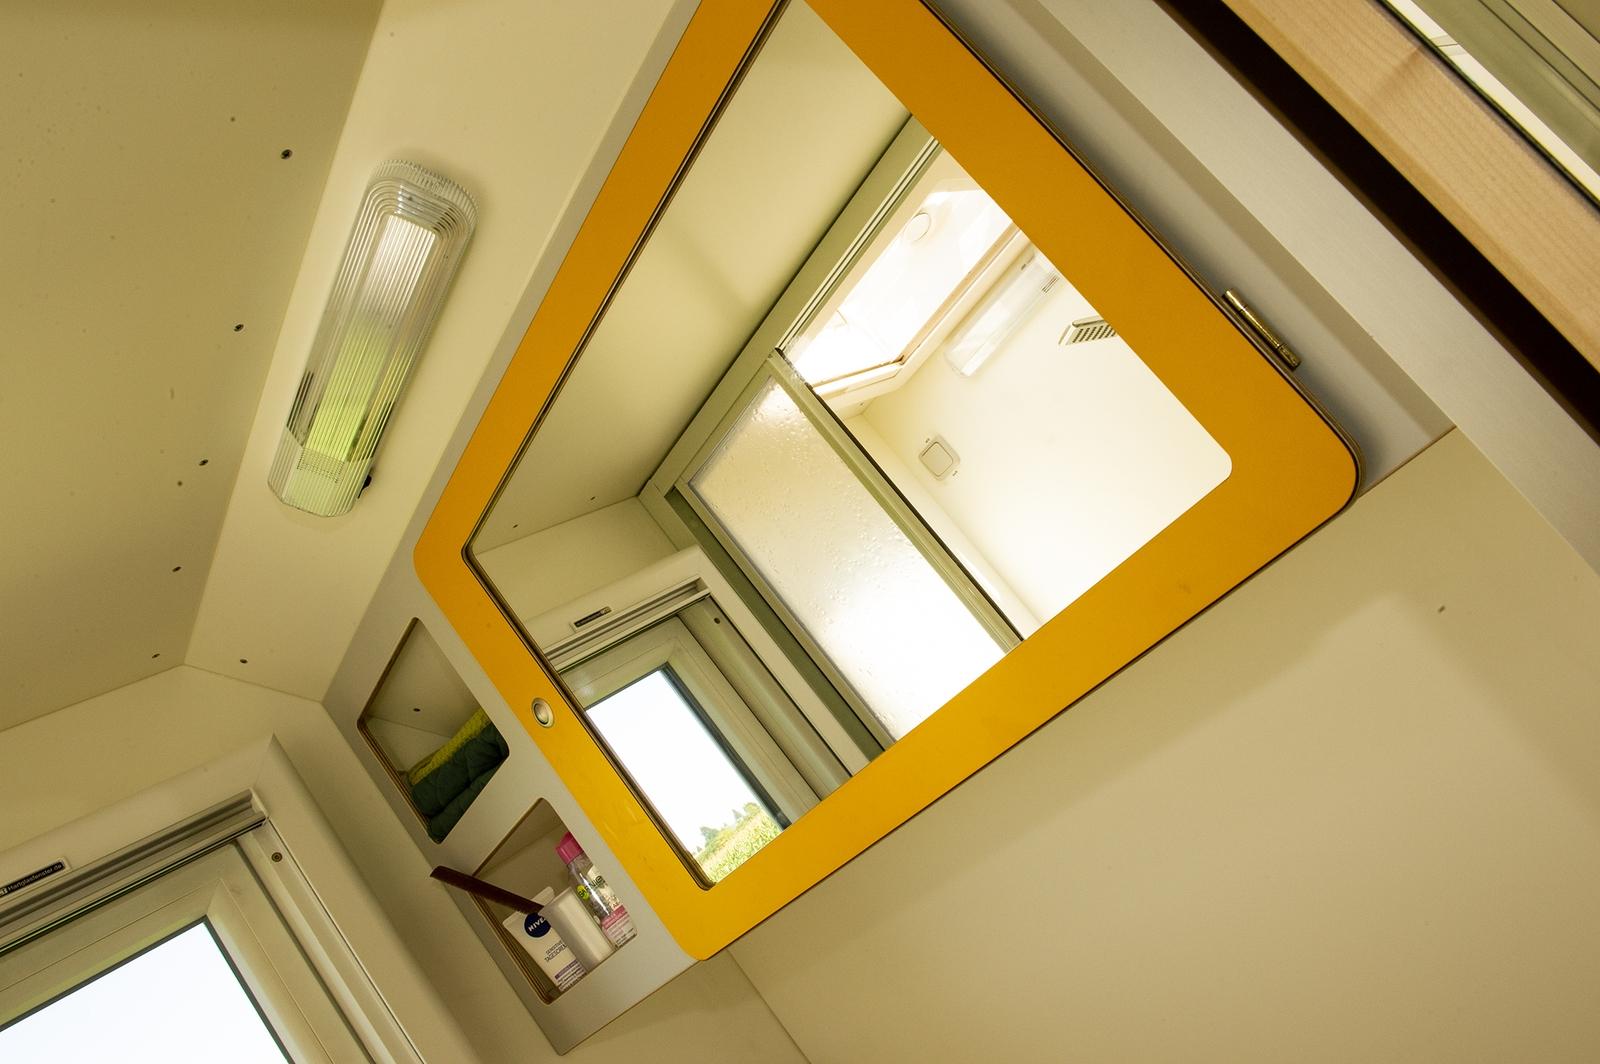 Das Bad ist großzügig gestaltet und bietet viel Ablageflächen uns Staumöglichkeiten. Der Spiegel ist gleichzeitig Schranktür.